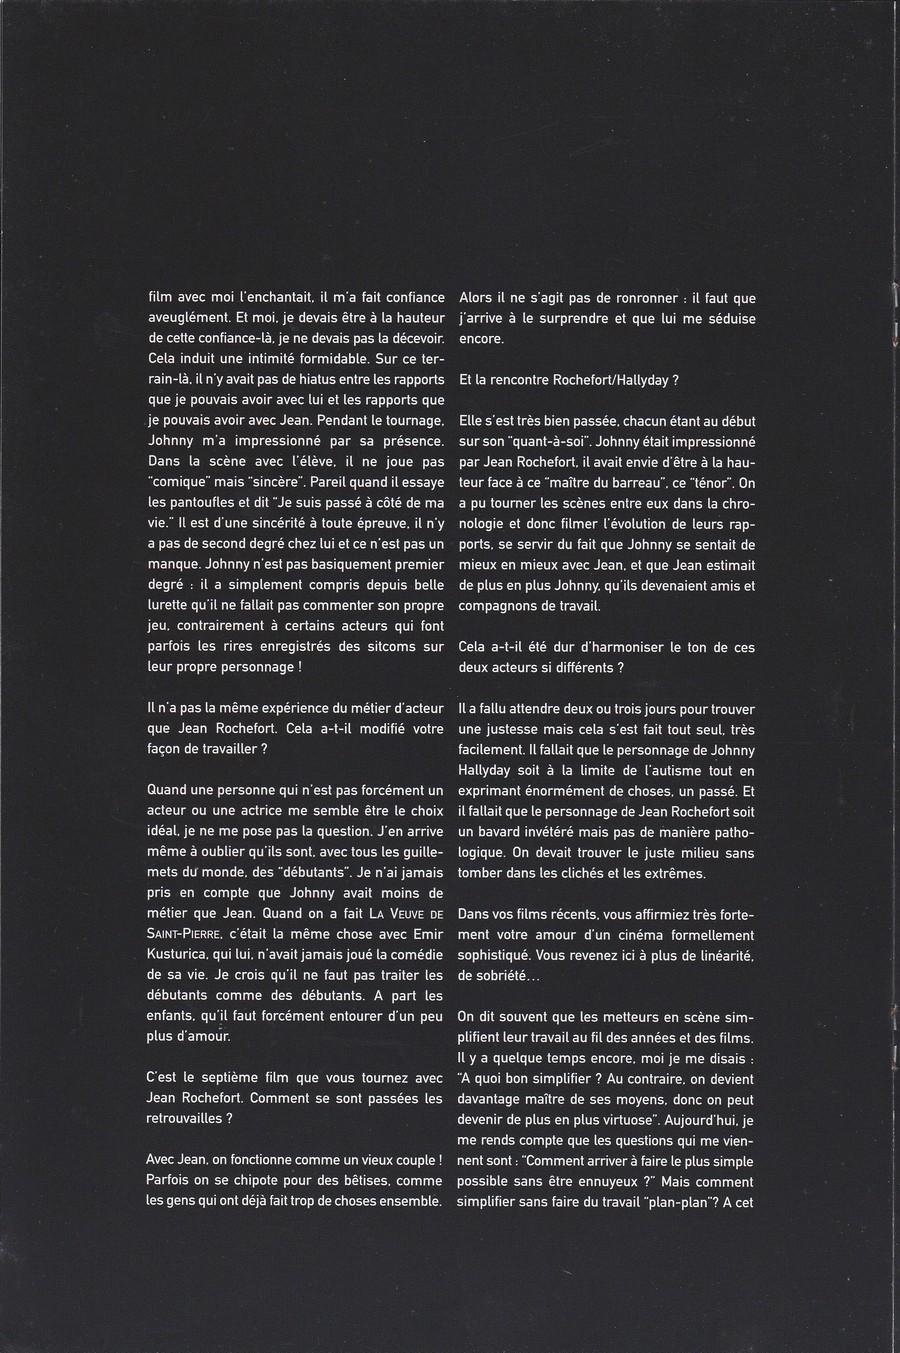 LES FILMS DE JOHNNY 'L'HOMME DU TRAIN' 2002 Img_2745